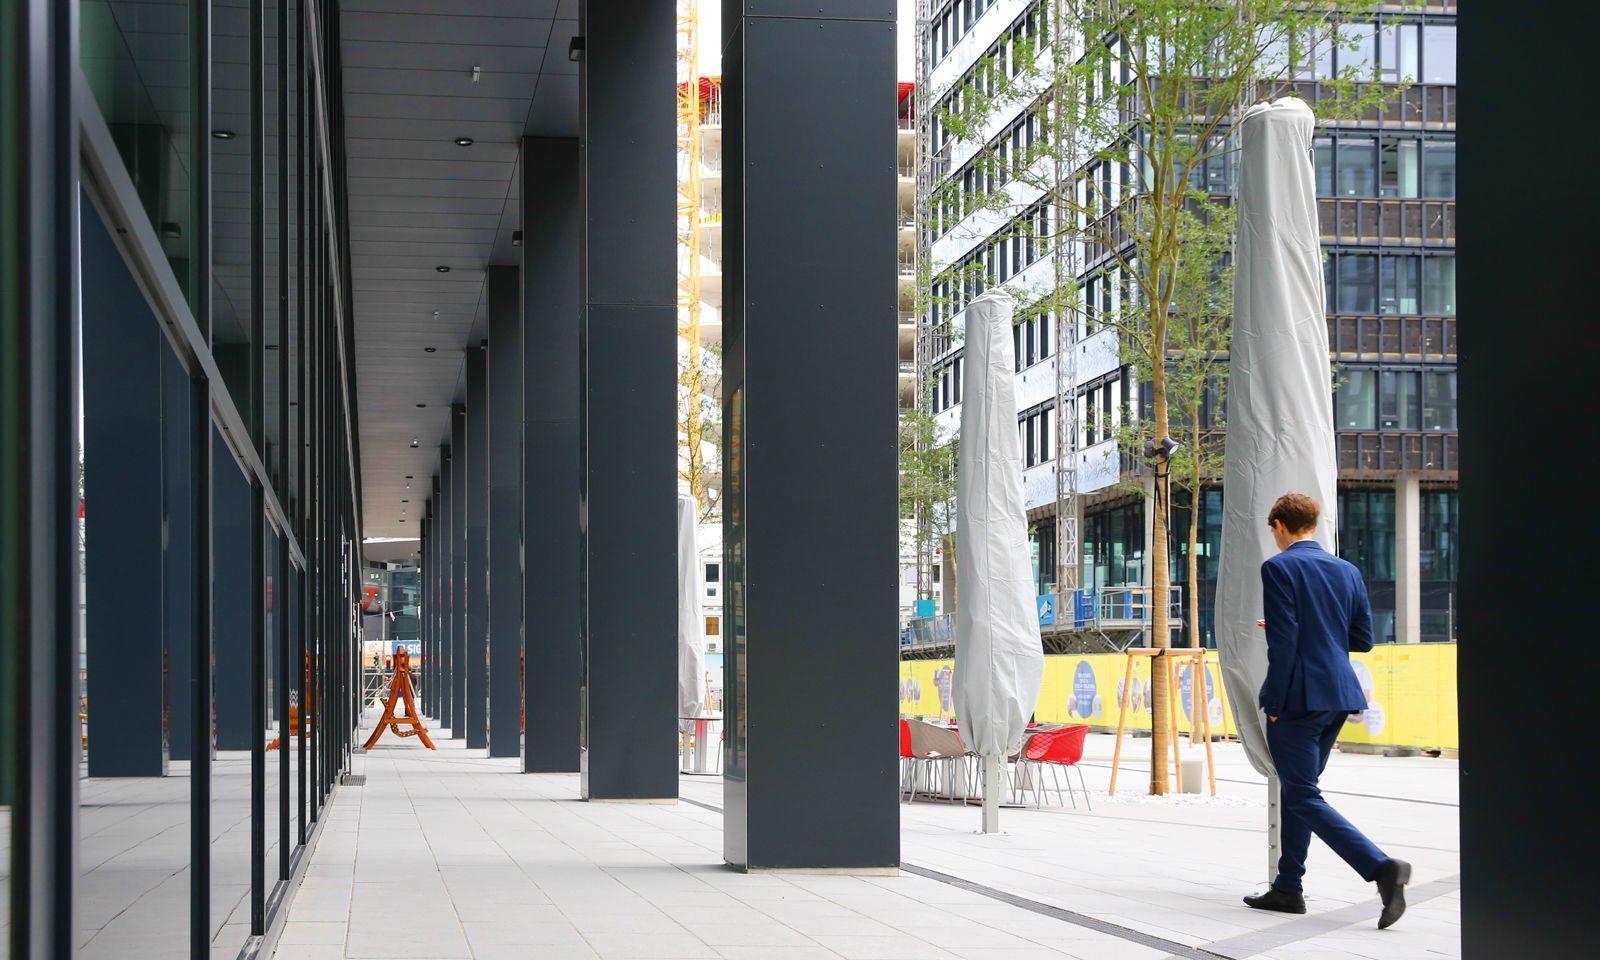 Öffentliche Anbindung und starke Infrastruktur sind für Büromieter Argumente für den Standort.